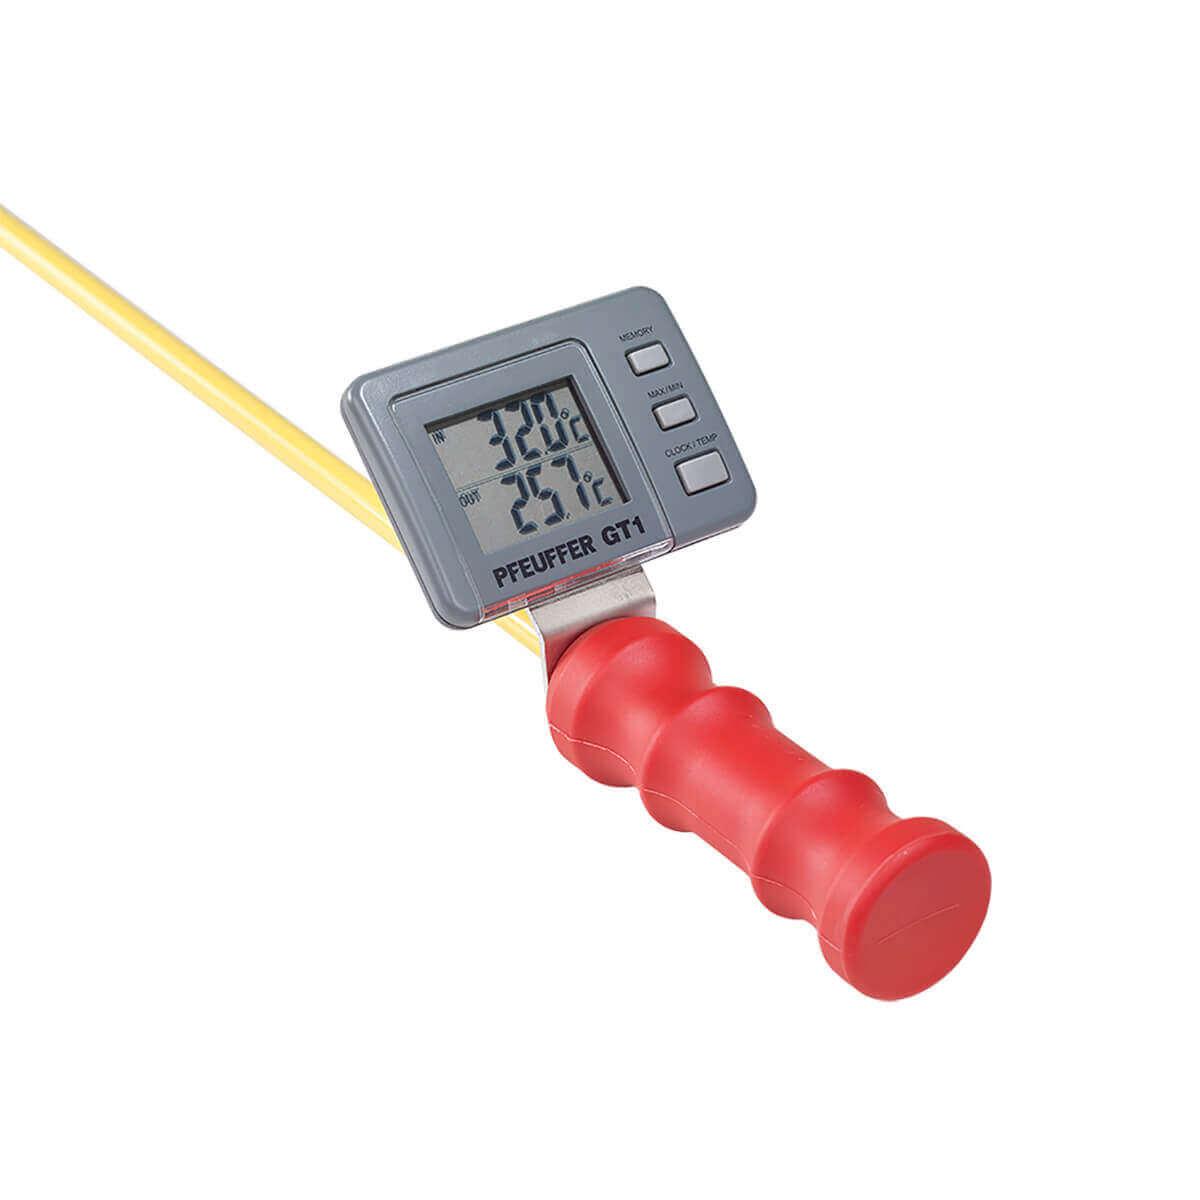 Щуп для измерения температуры GT1